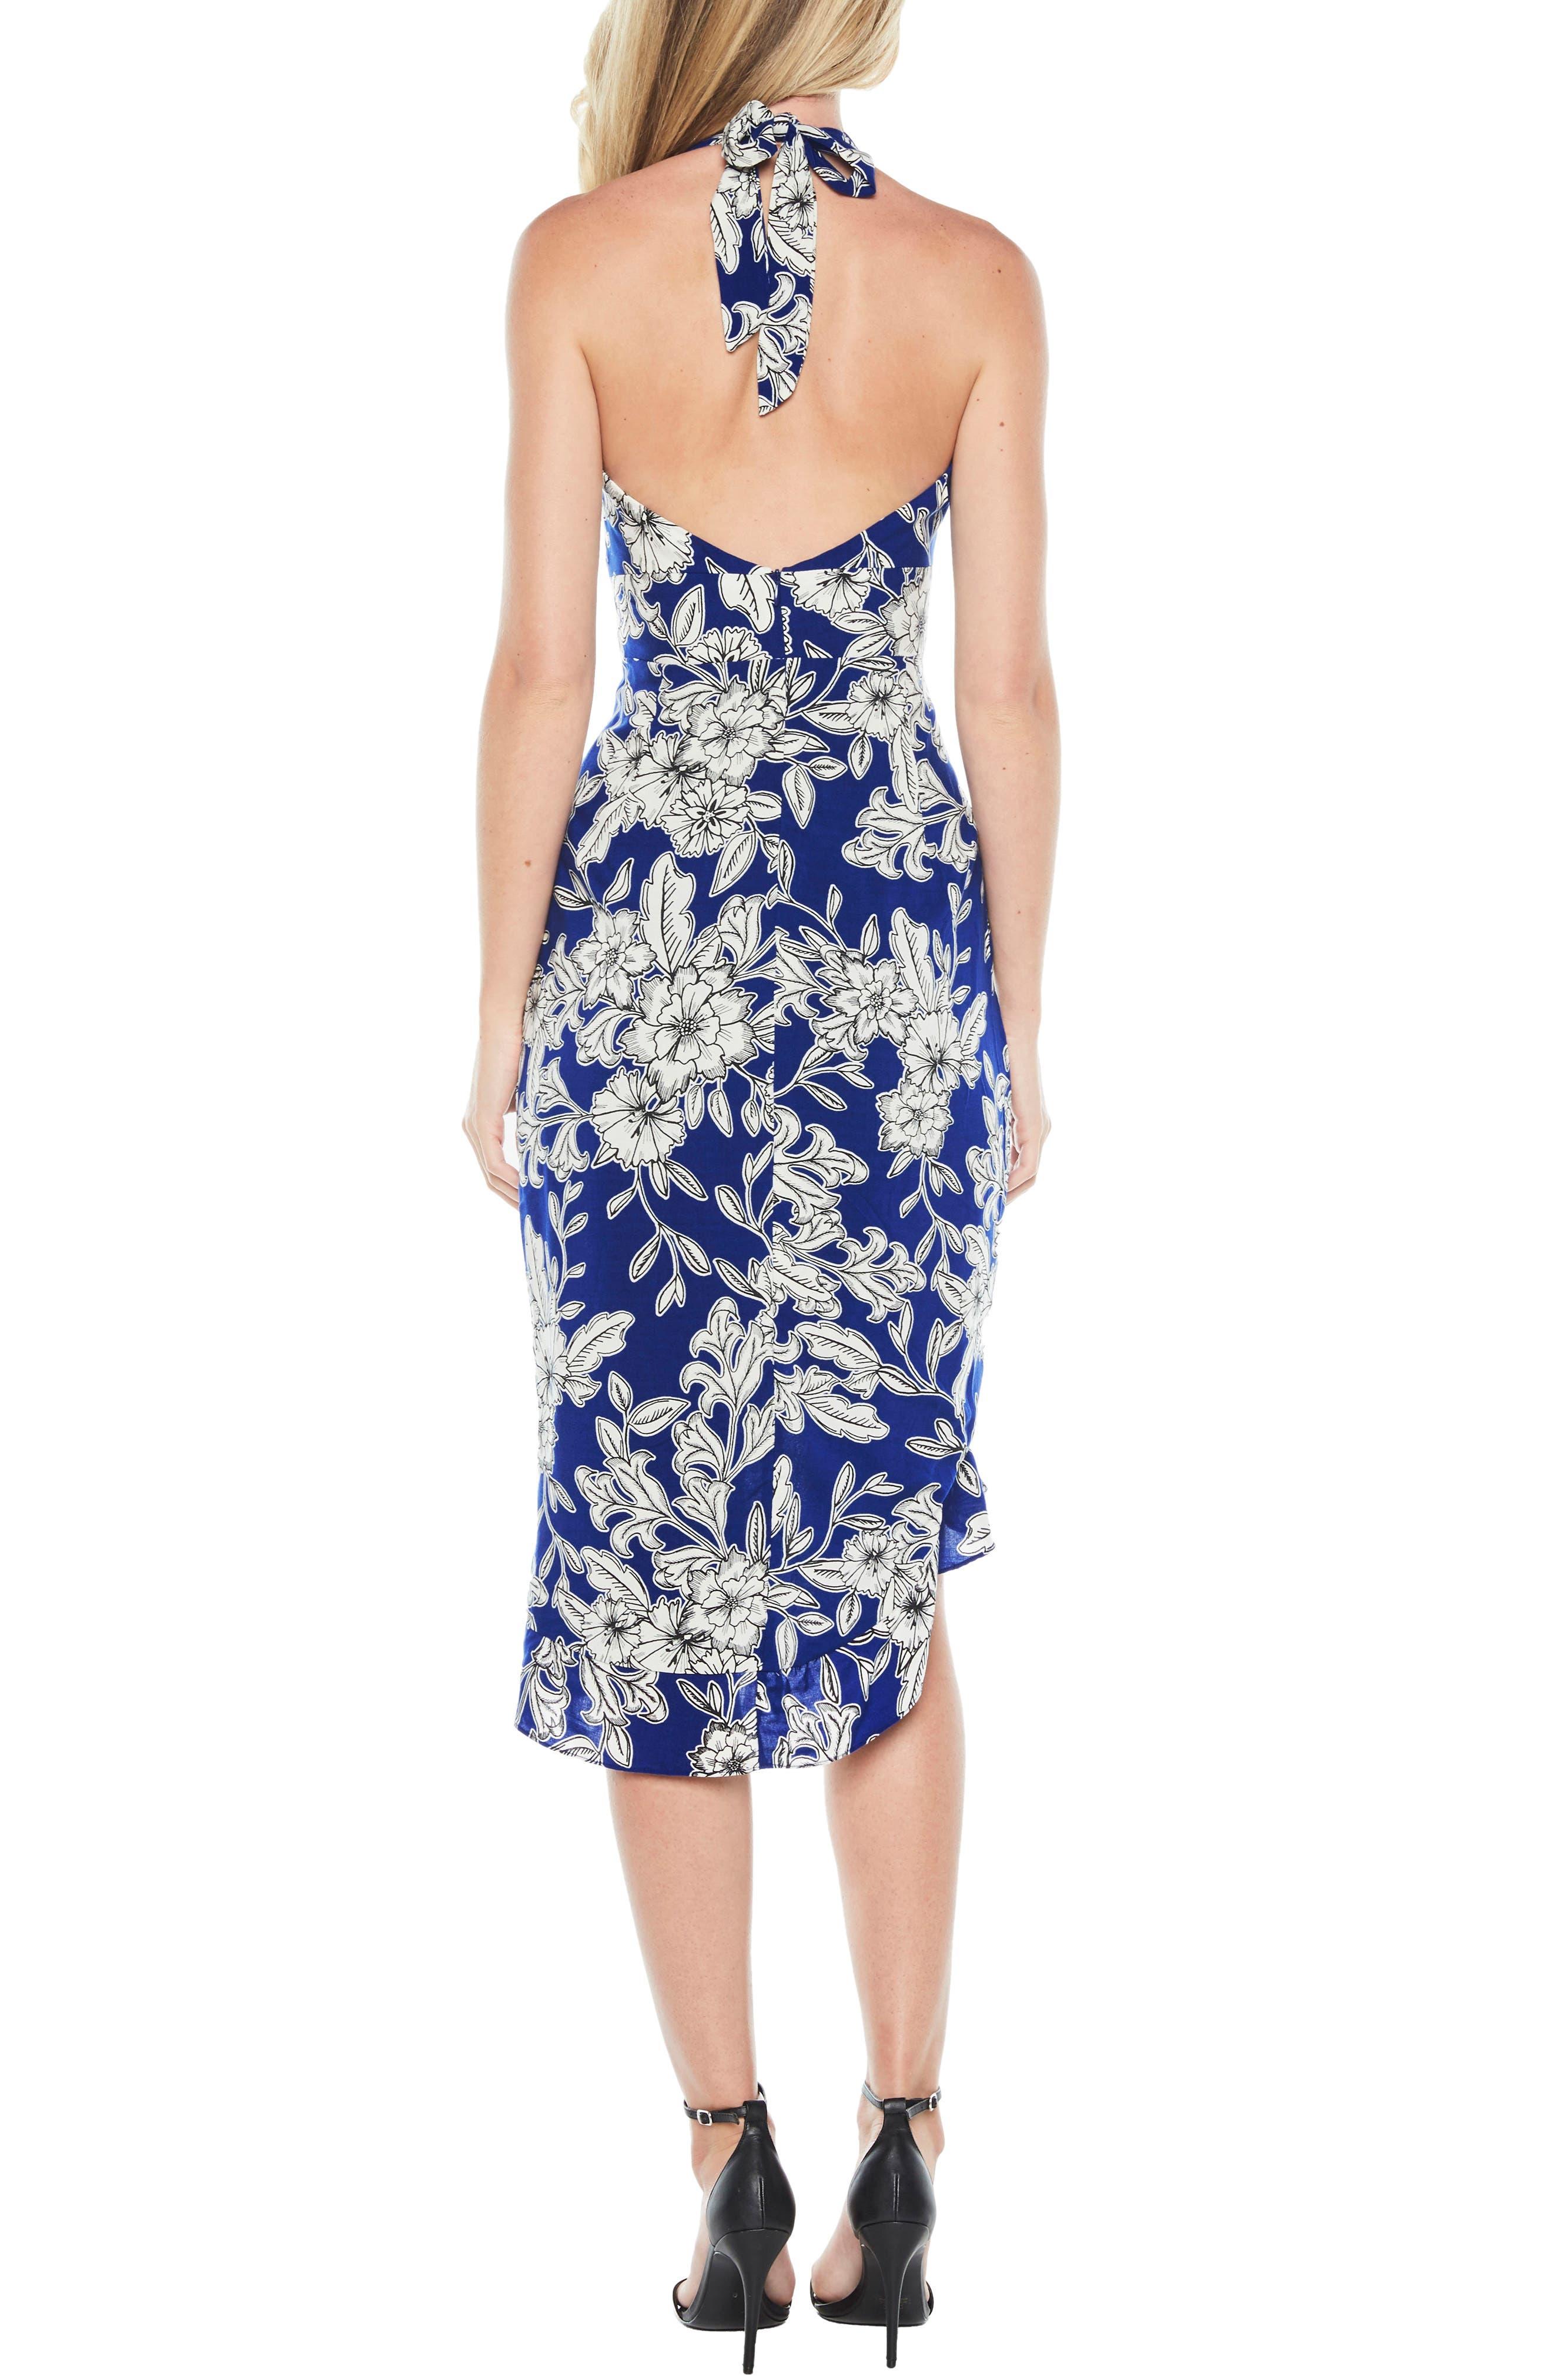 Petra Floral Dress,                             Alternate thumbnail 2, color,                             Cobalt Floral